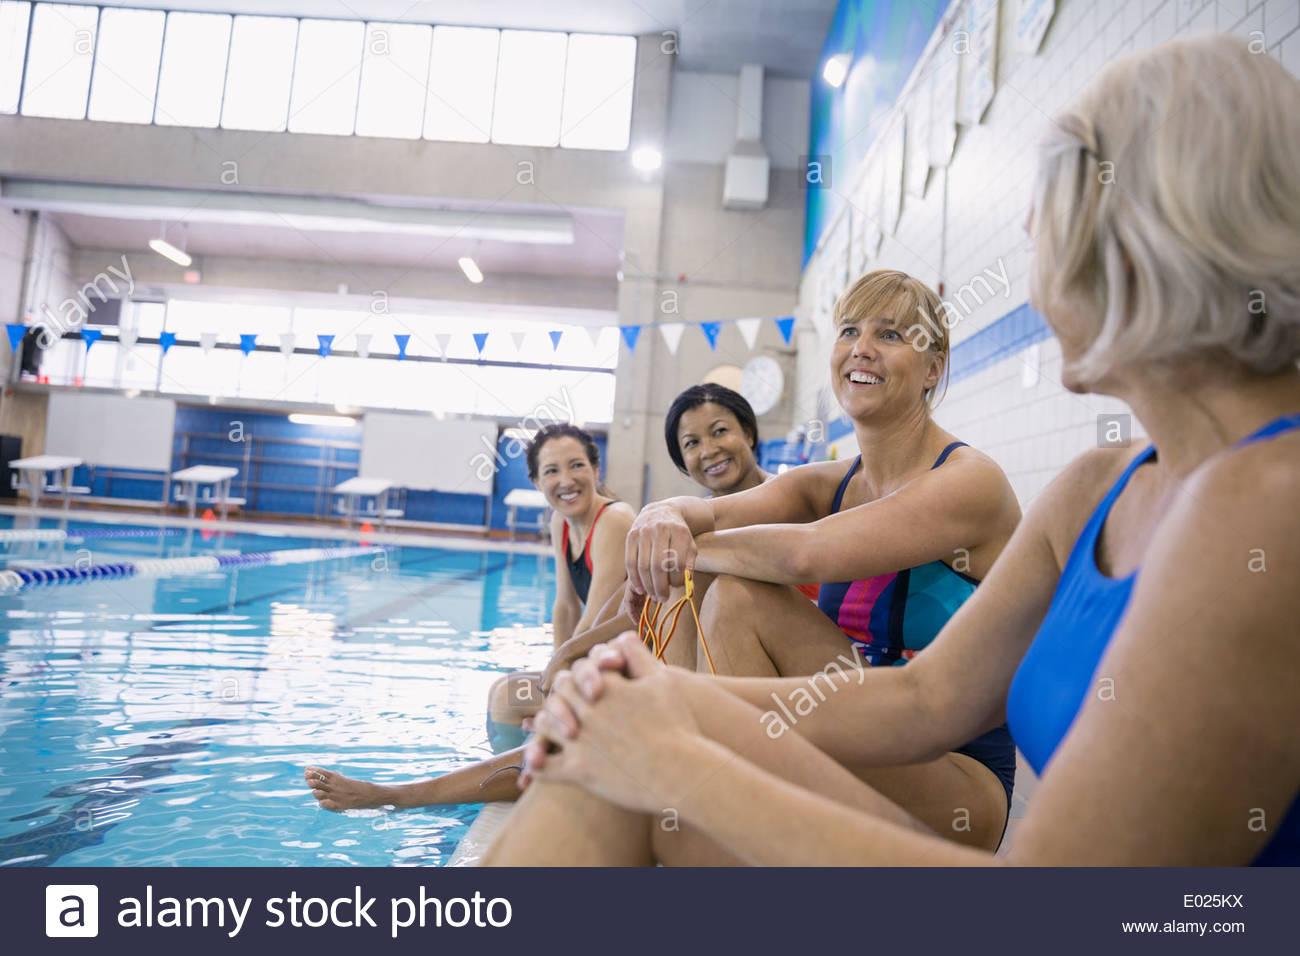 Le donne parlando a piscina interna Immagini Stock